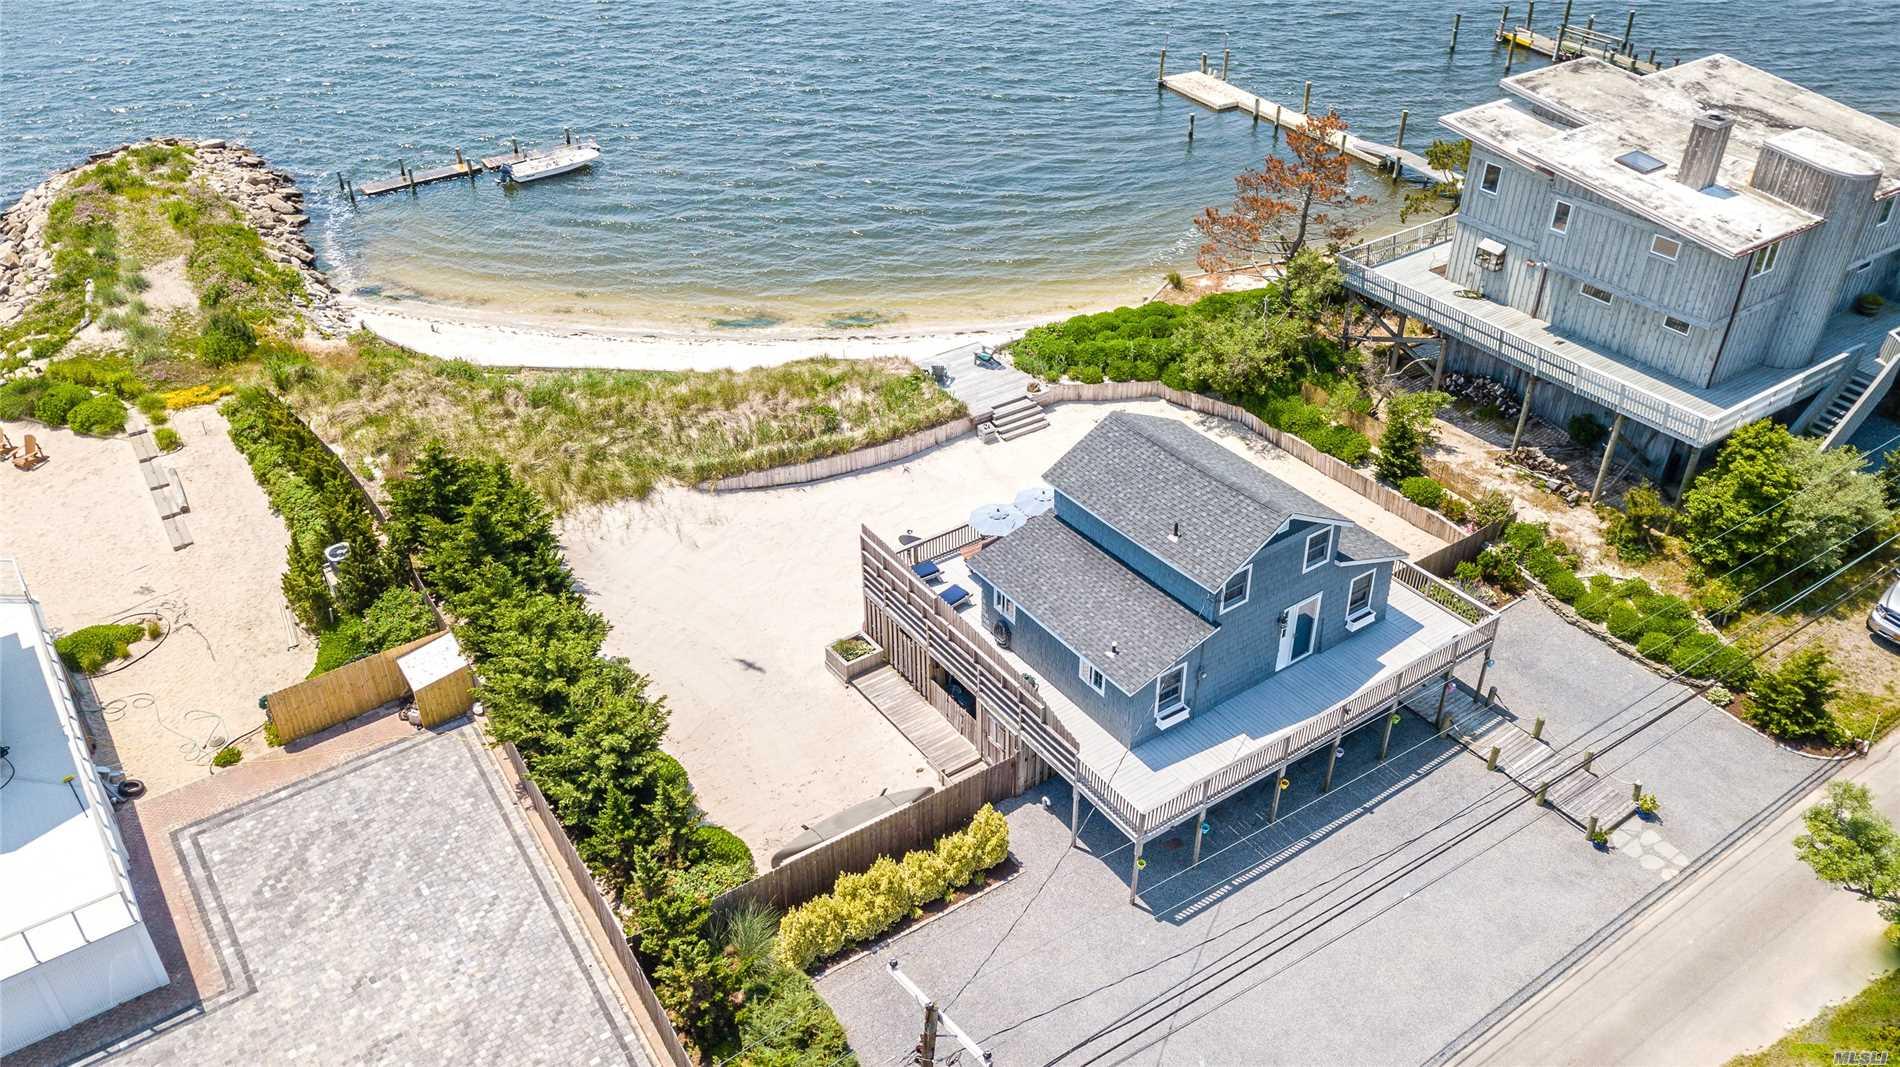 21 The Fairway - Oak Beach, New York